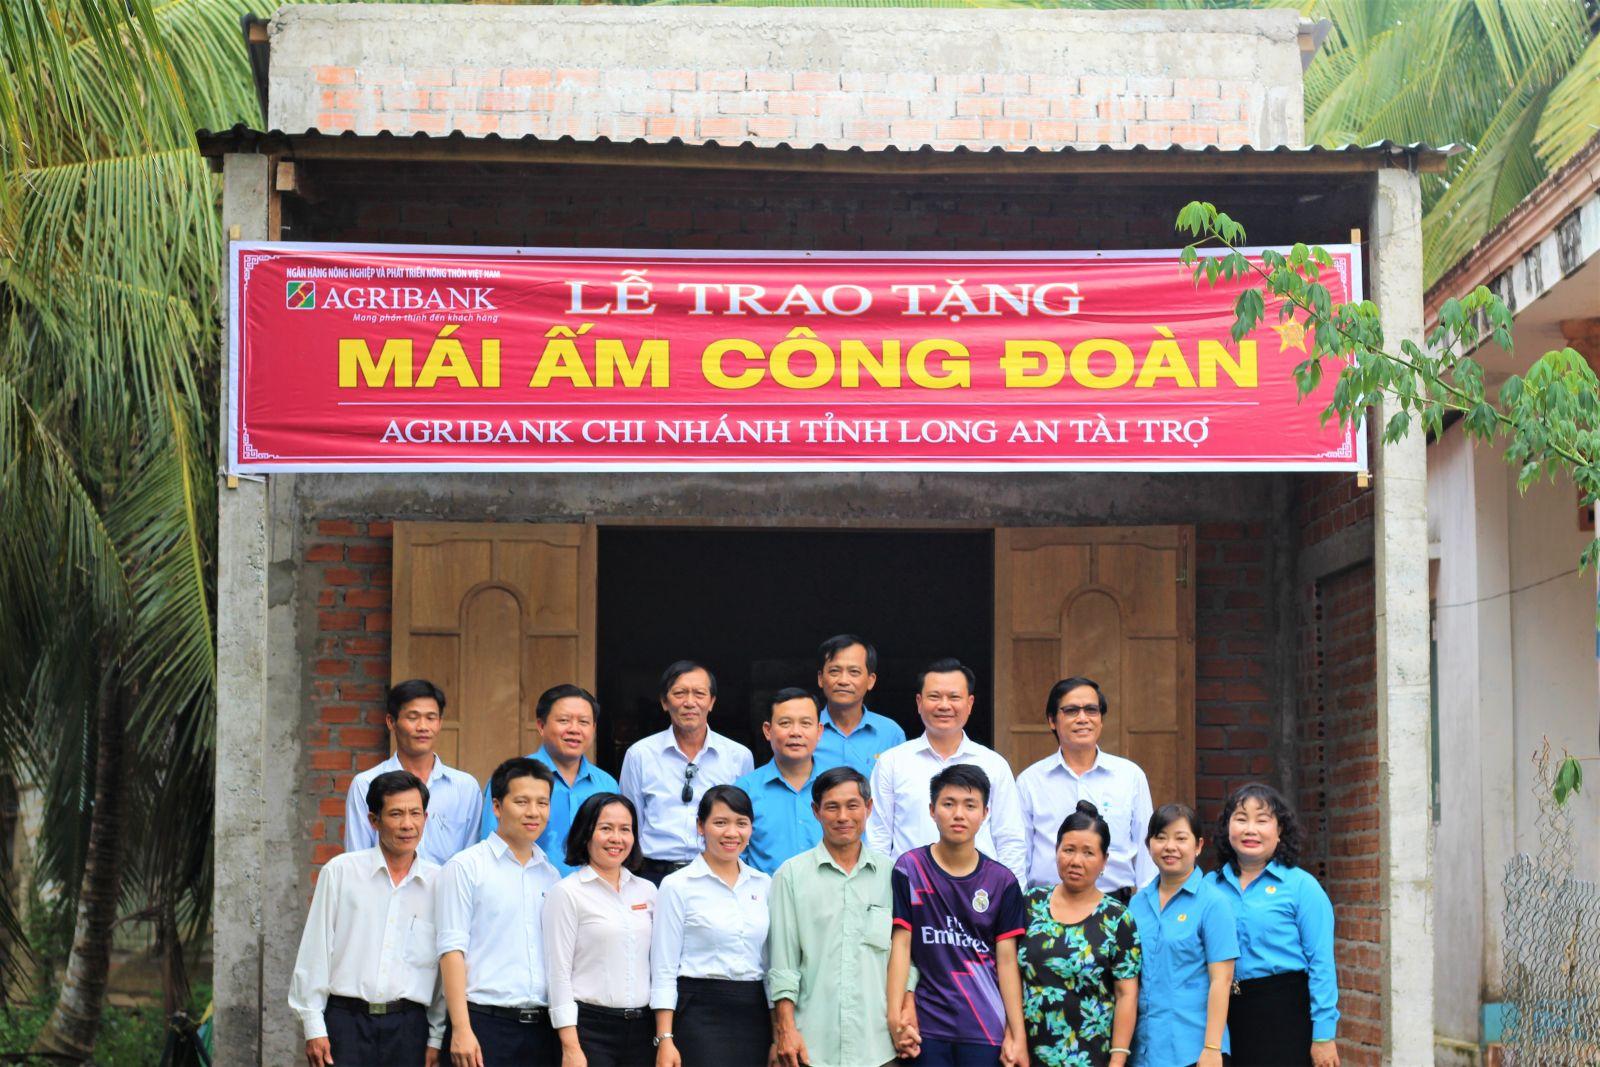 chụp hình lưu niệm với gia đình anh Nguyễn Văn Cọt Anh tại buổi bàn giao